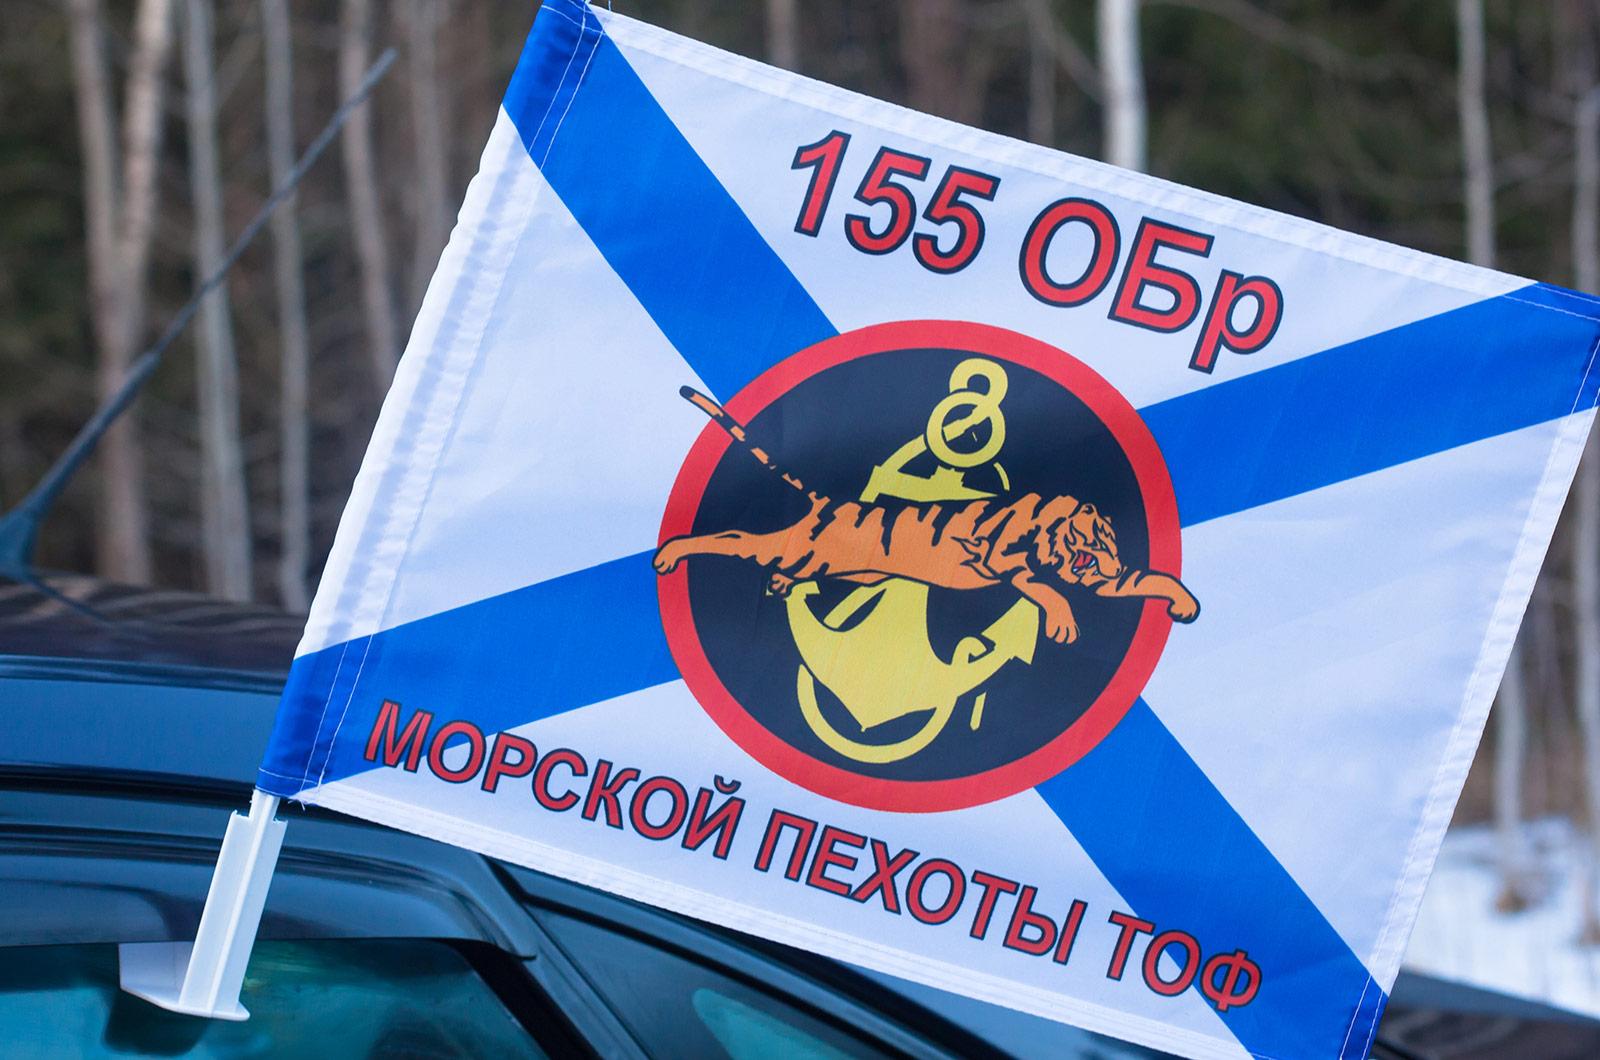 Купить флаг на машину «155 ОБр Морской пехоты ТОФ»